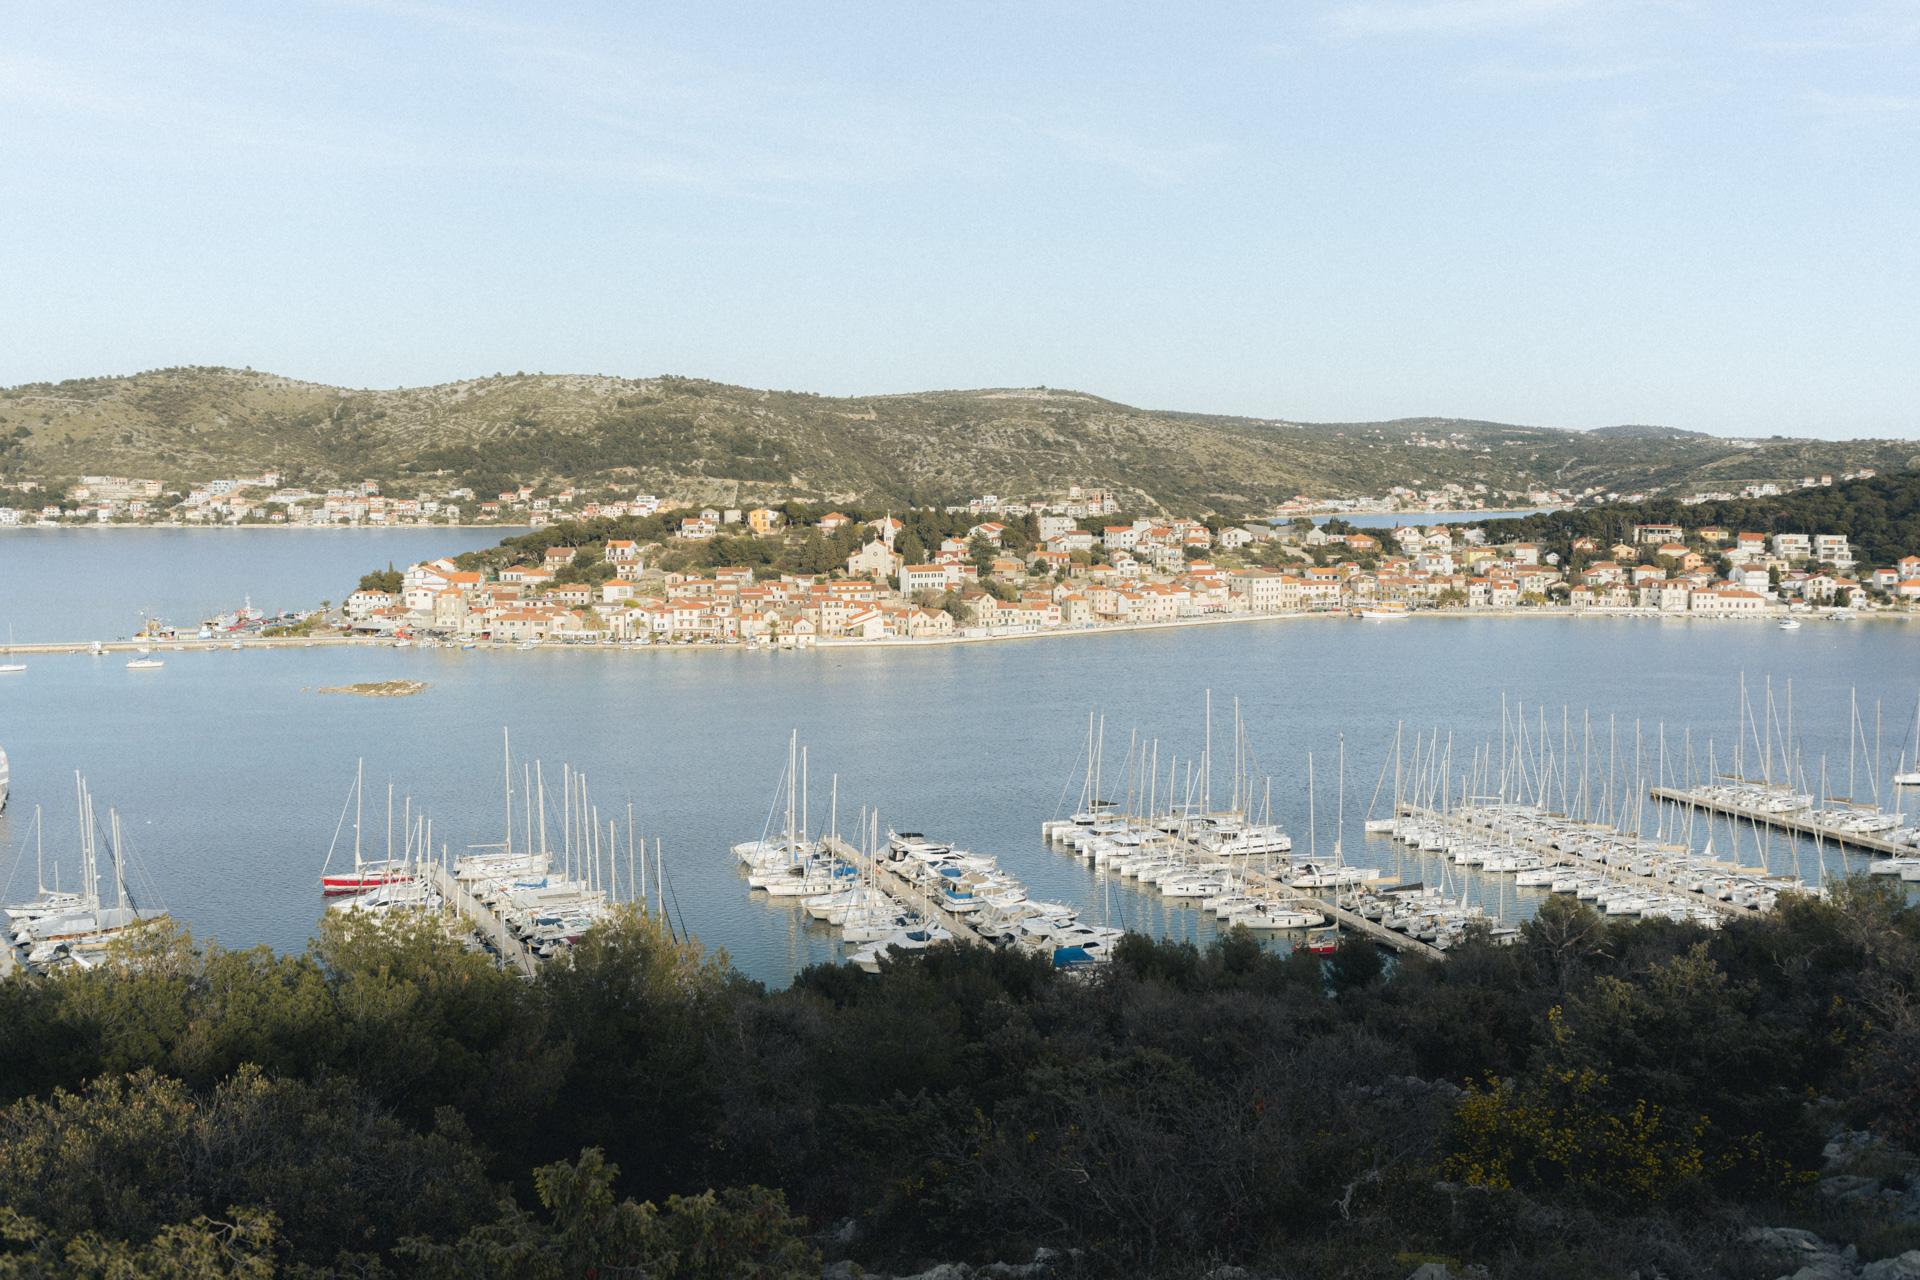 Blick auf Bucht mit Hafen in Kroatien